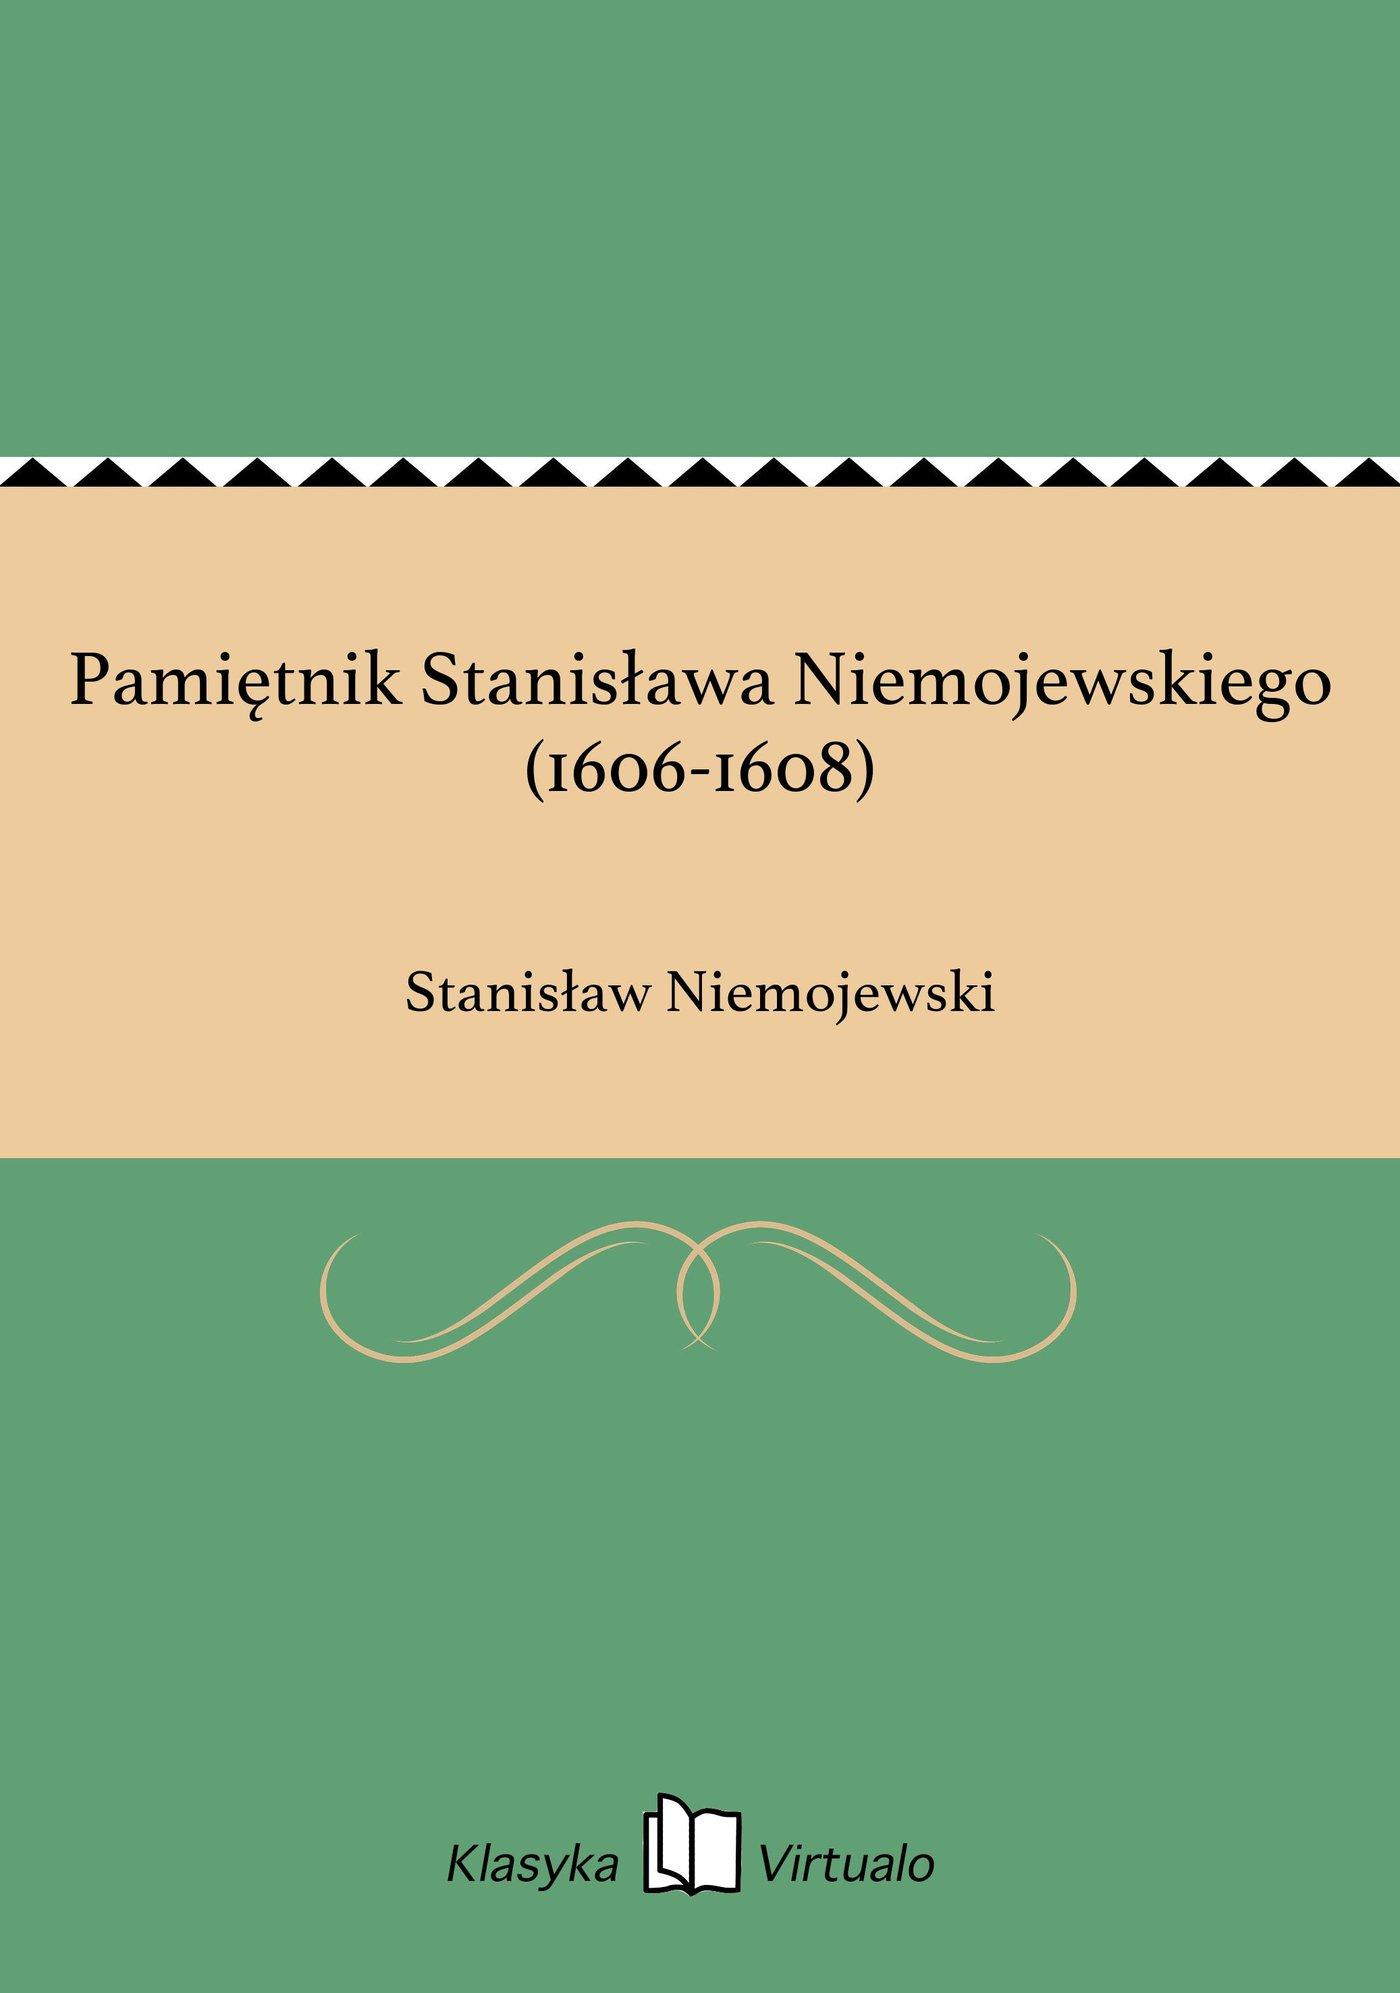 Pamiętnik Stanisława Niemojewskiego (1606-1608) - Ebook (Książka na Kindle) do pobrania w formacie MOBI